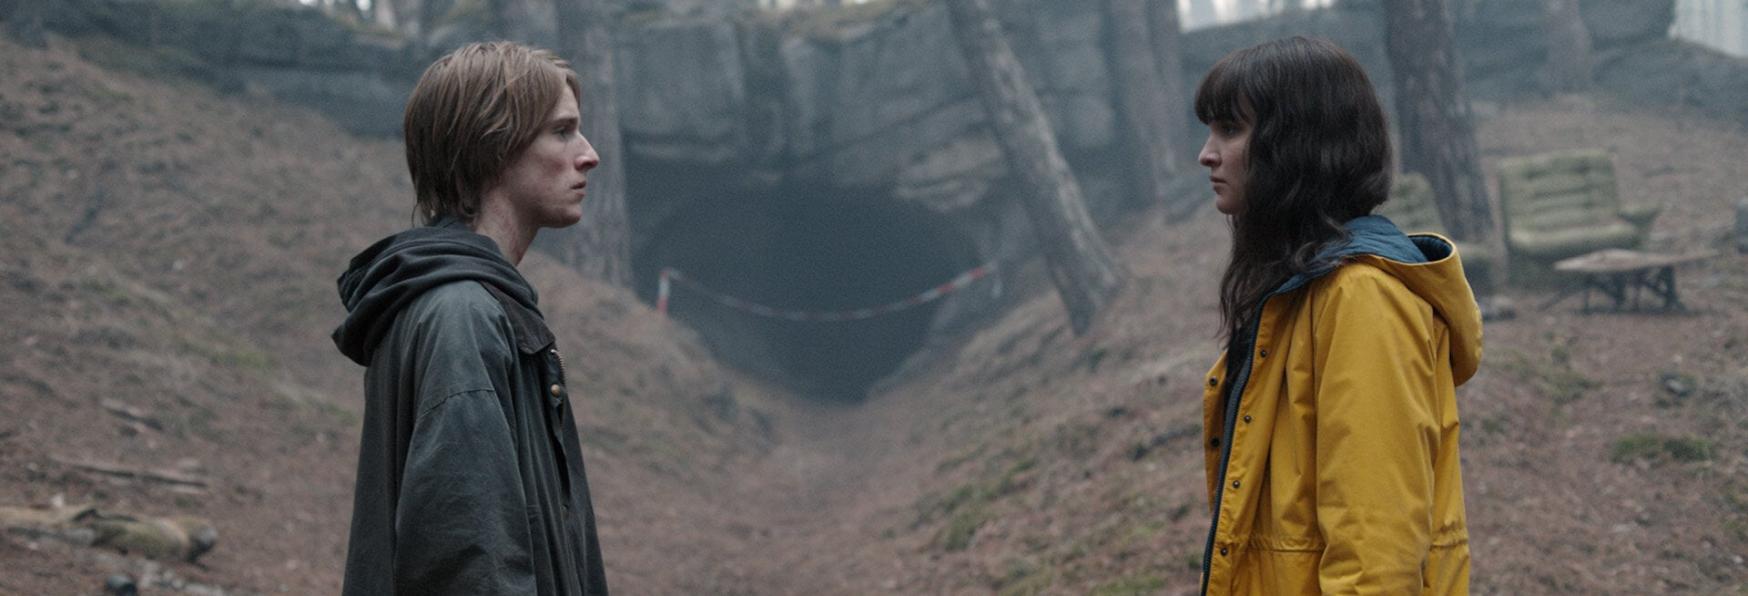 Dark 3: la nostra Recensione dell'ultima Stagione della Serie TV targata Netflix